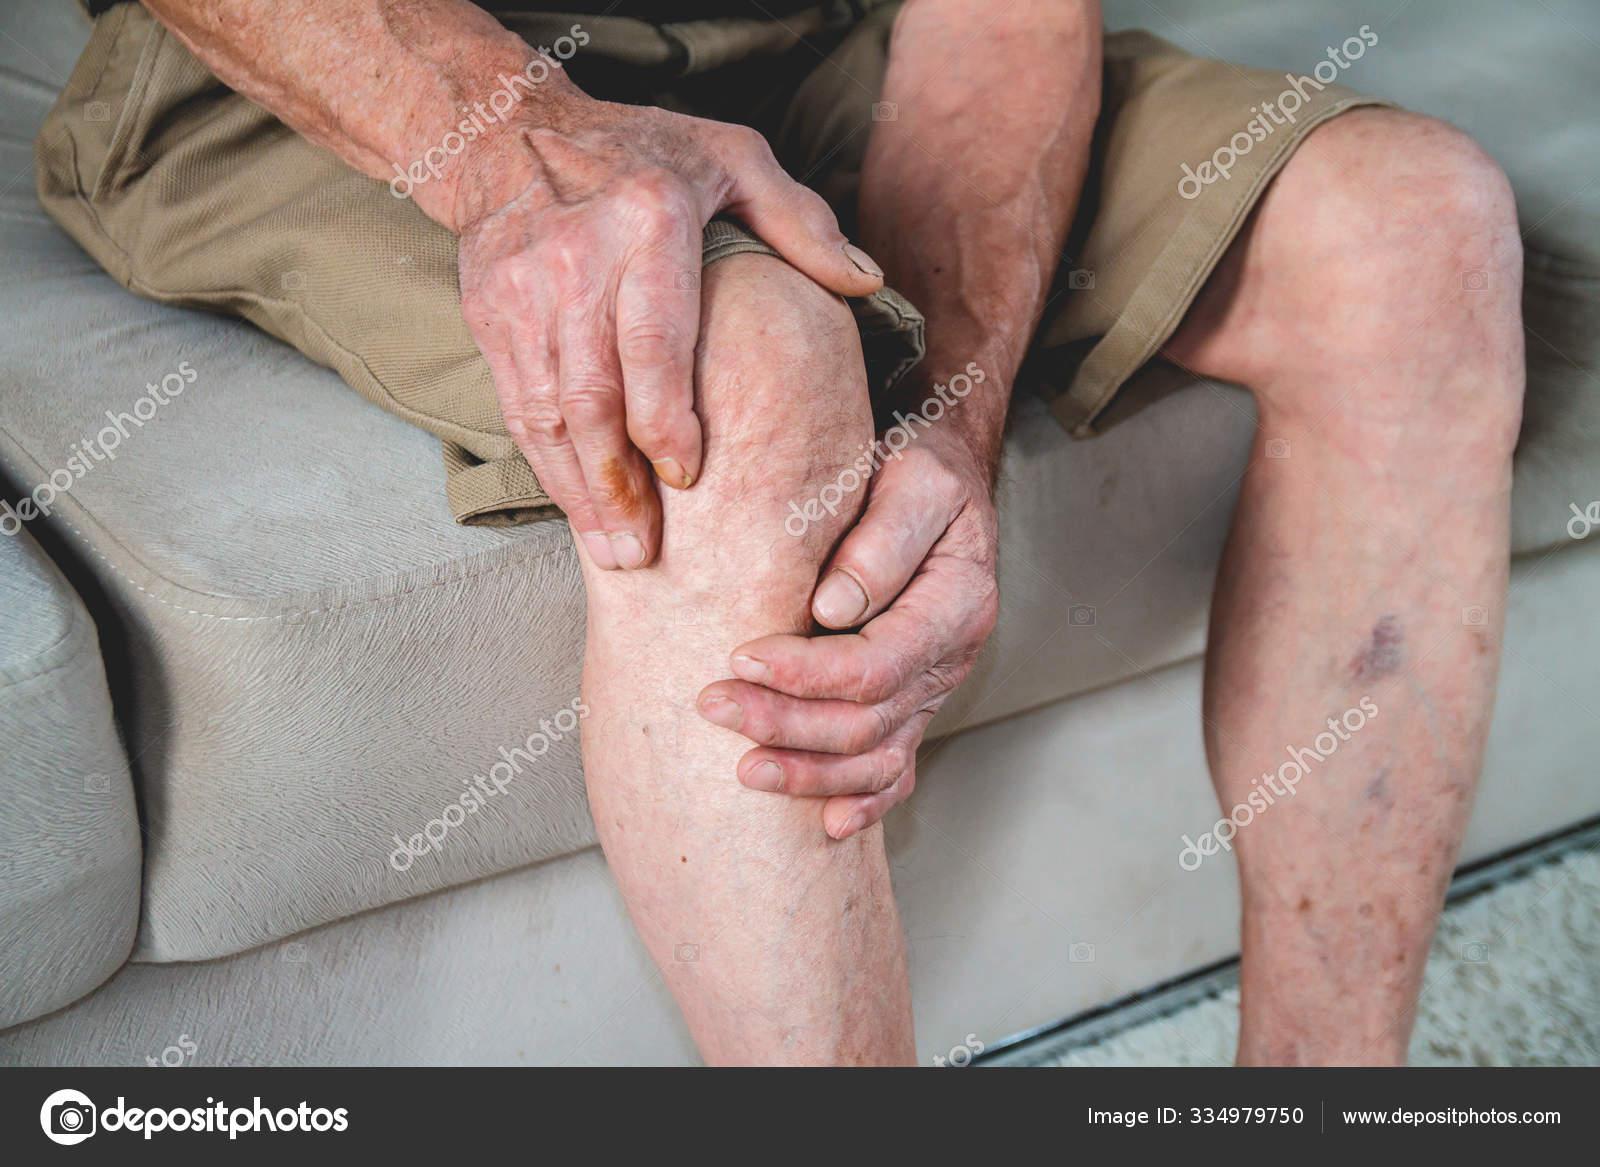 stock foto vânătăi pe picioare cu varicoză